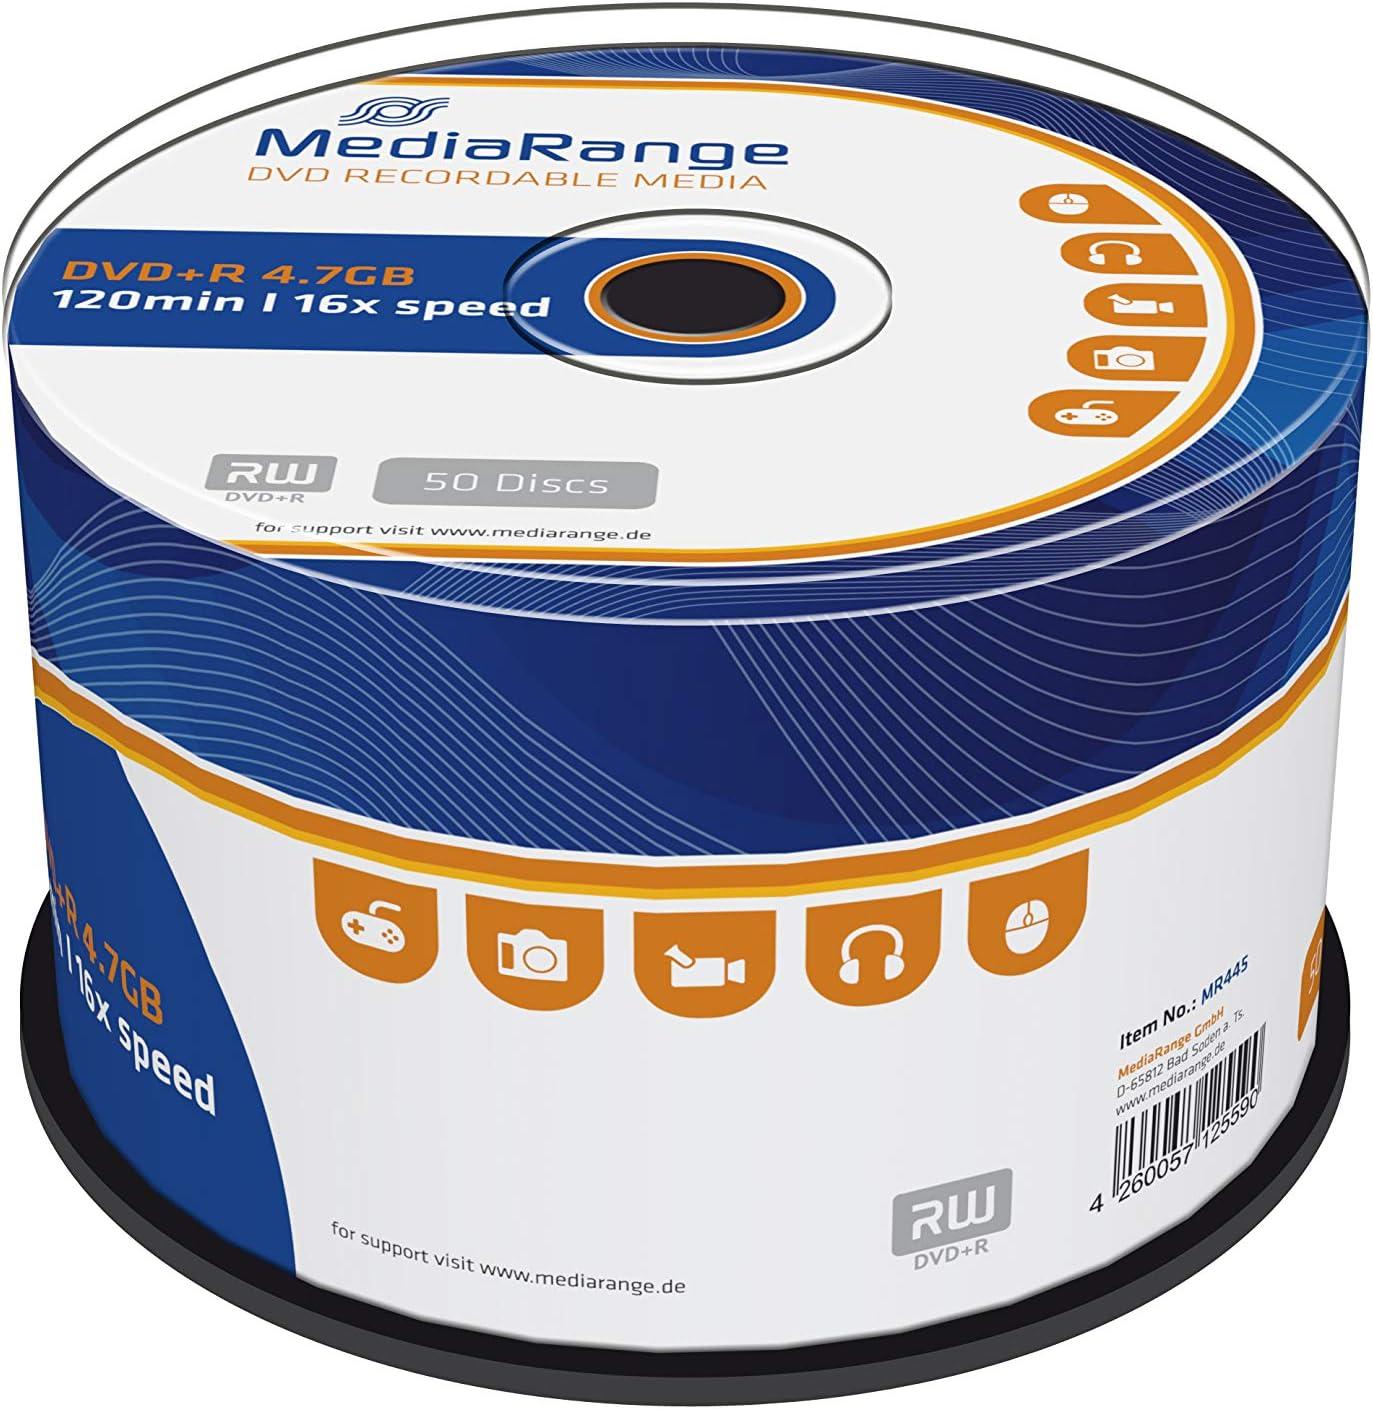 Mediarange Dvd R 4 7gb 120min 16 Fache Computer Zubehör